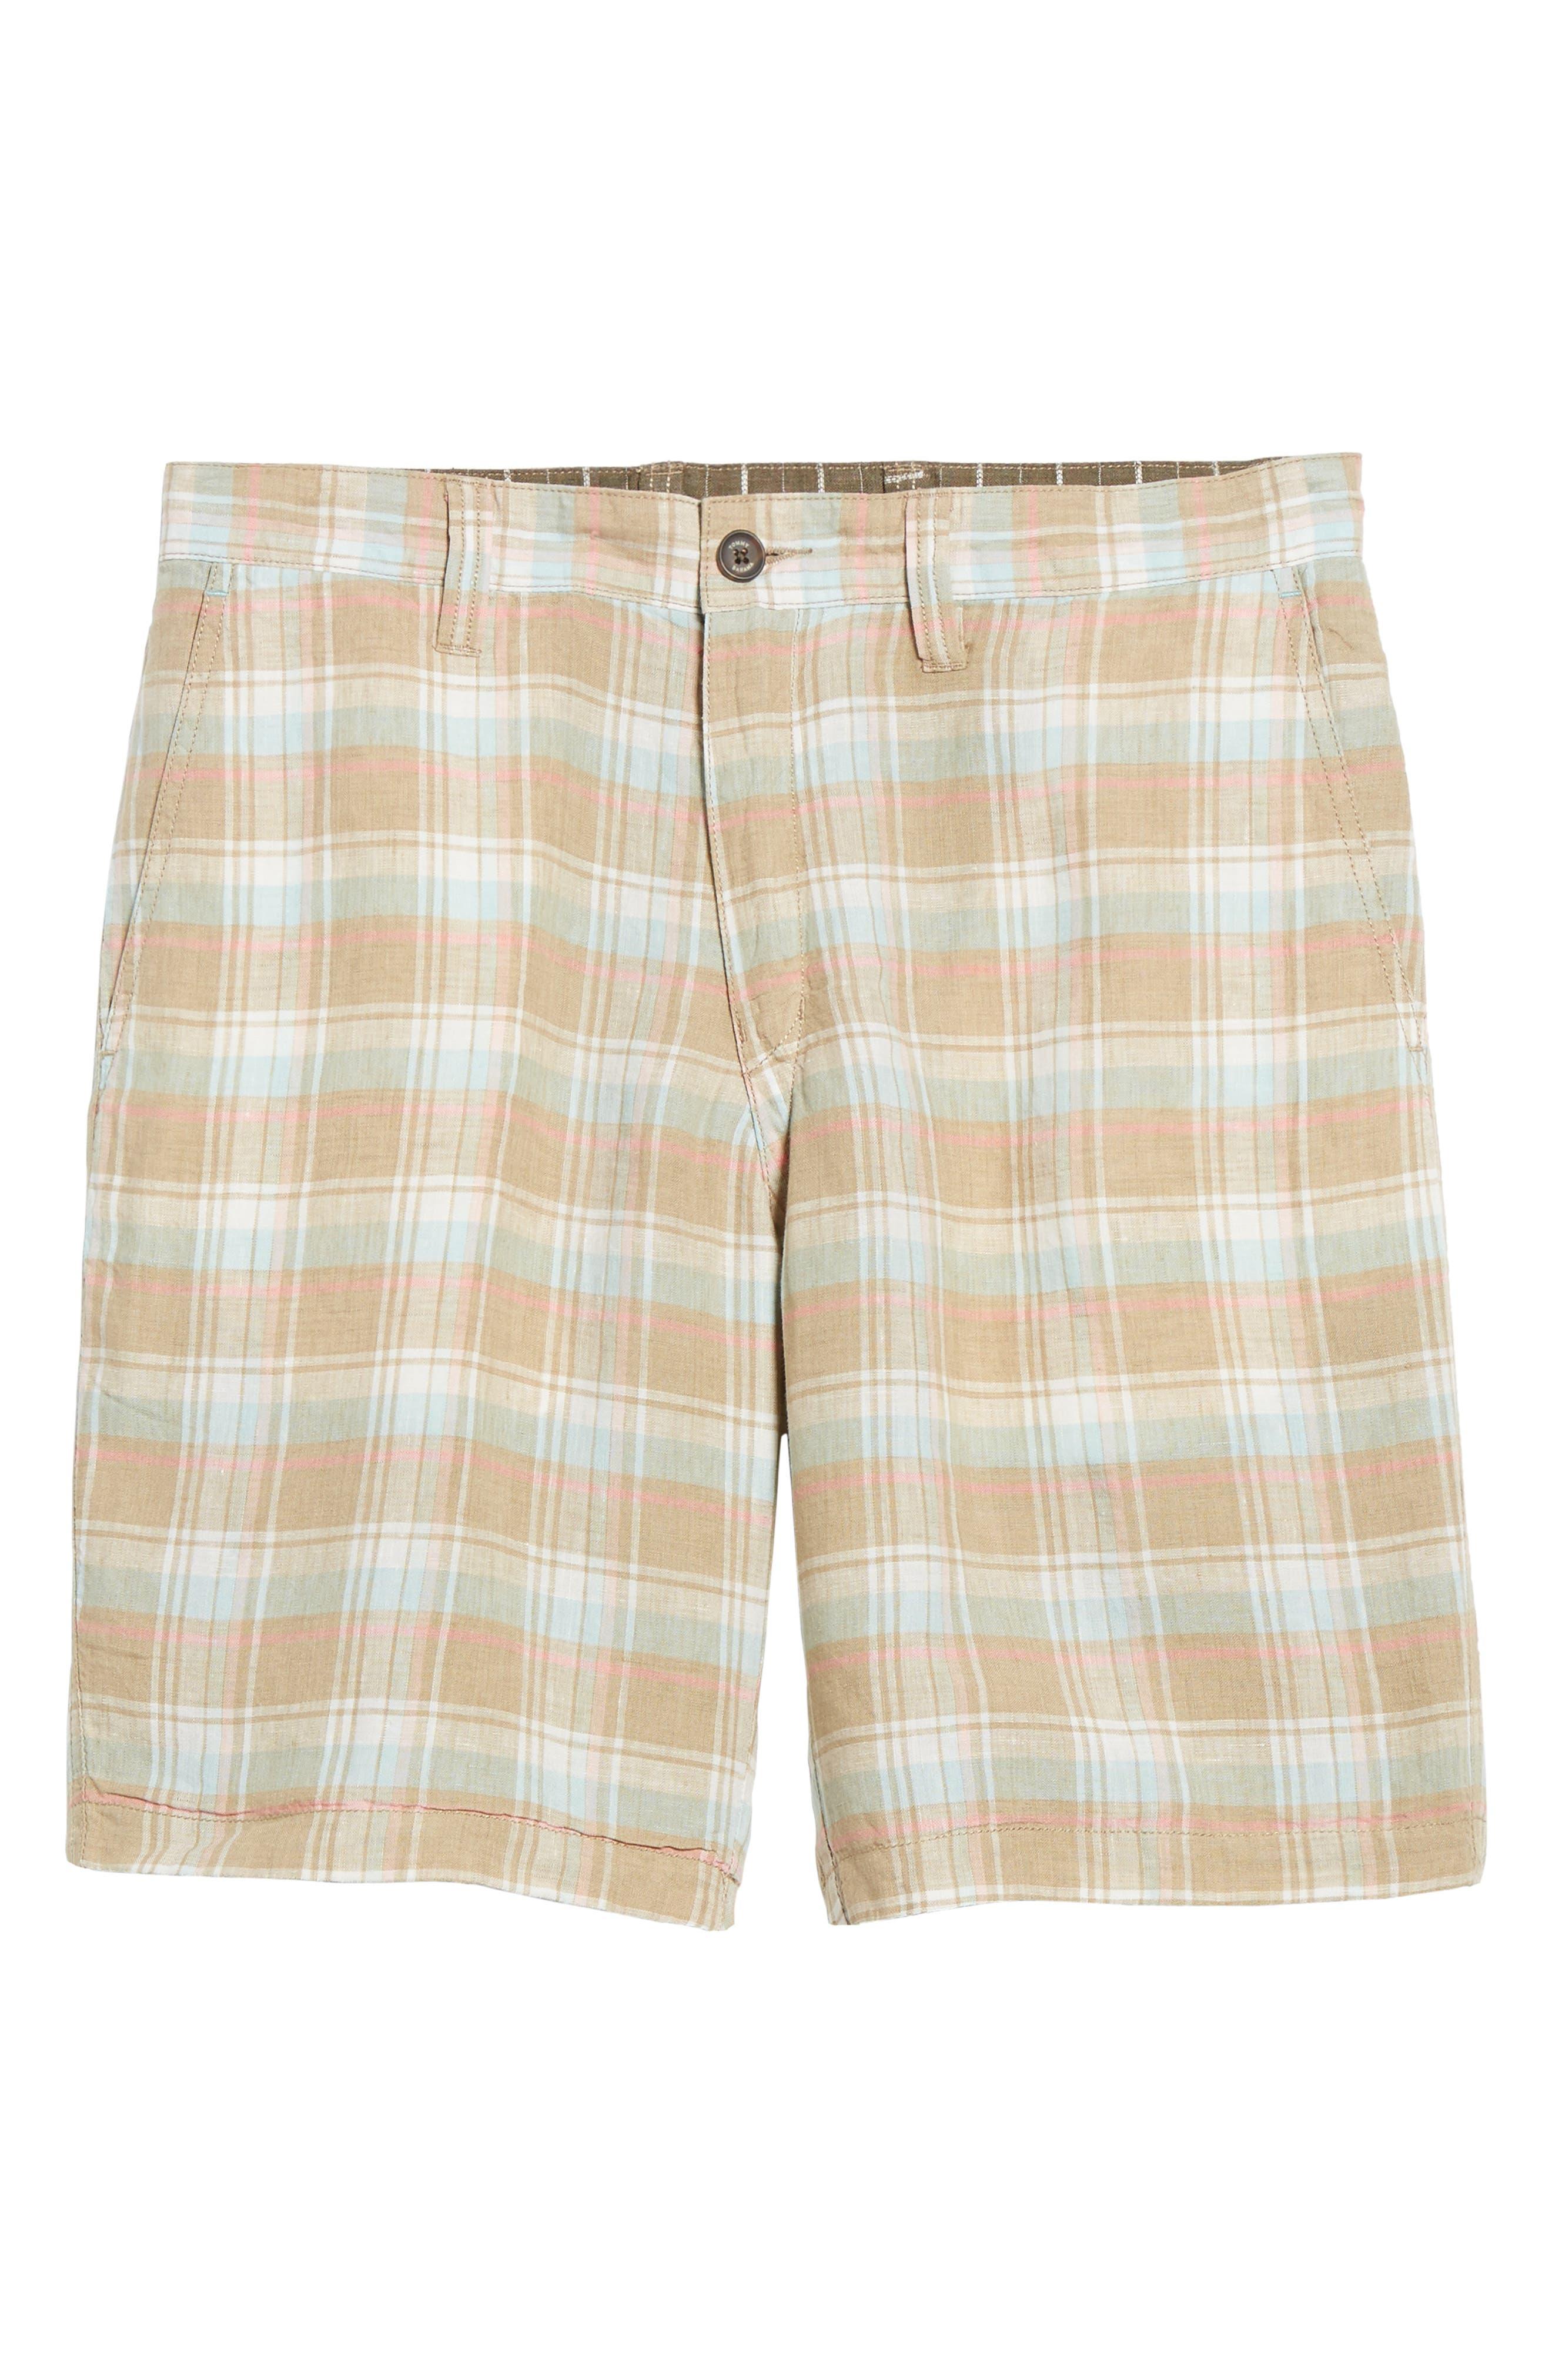 Plaid De Leon Reversible Shorts,                             Alternate thumbnail 7, color,                             250